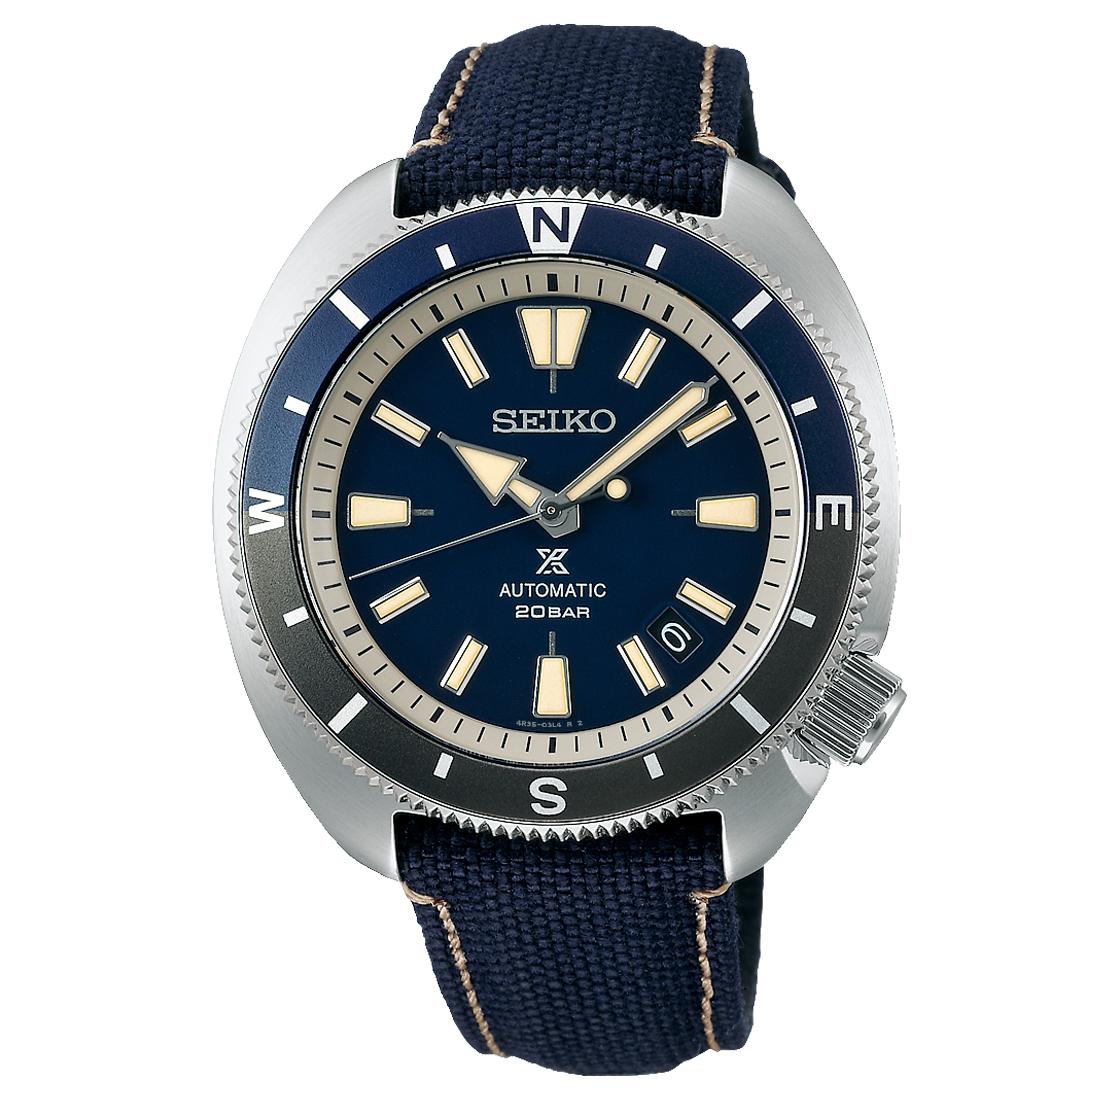 Actualités des montres non russes - Page 24 BLUE-PROSPEX